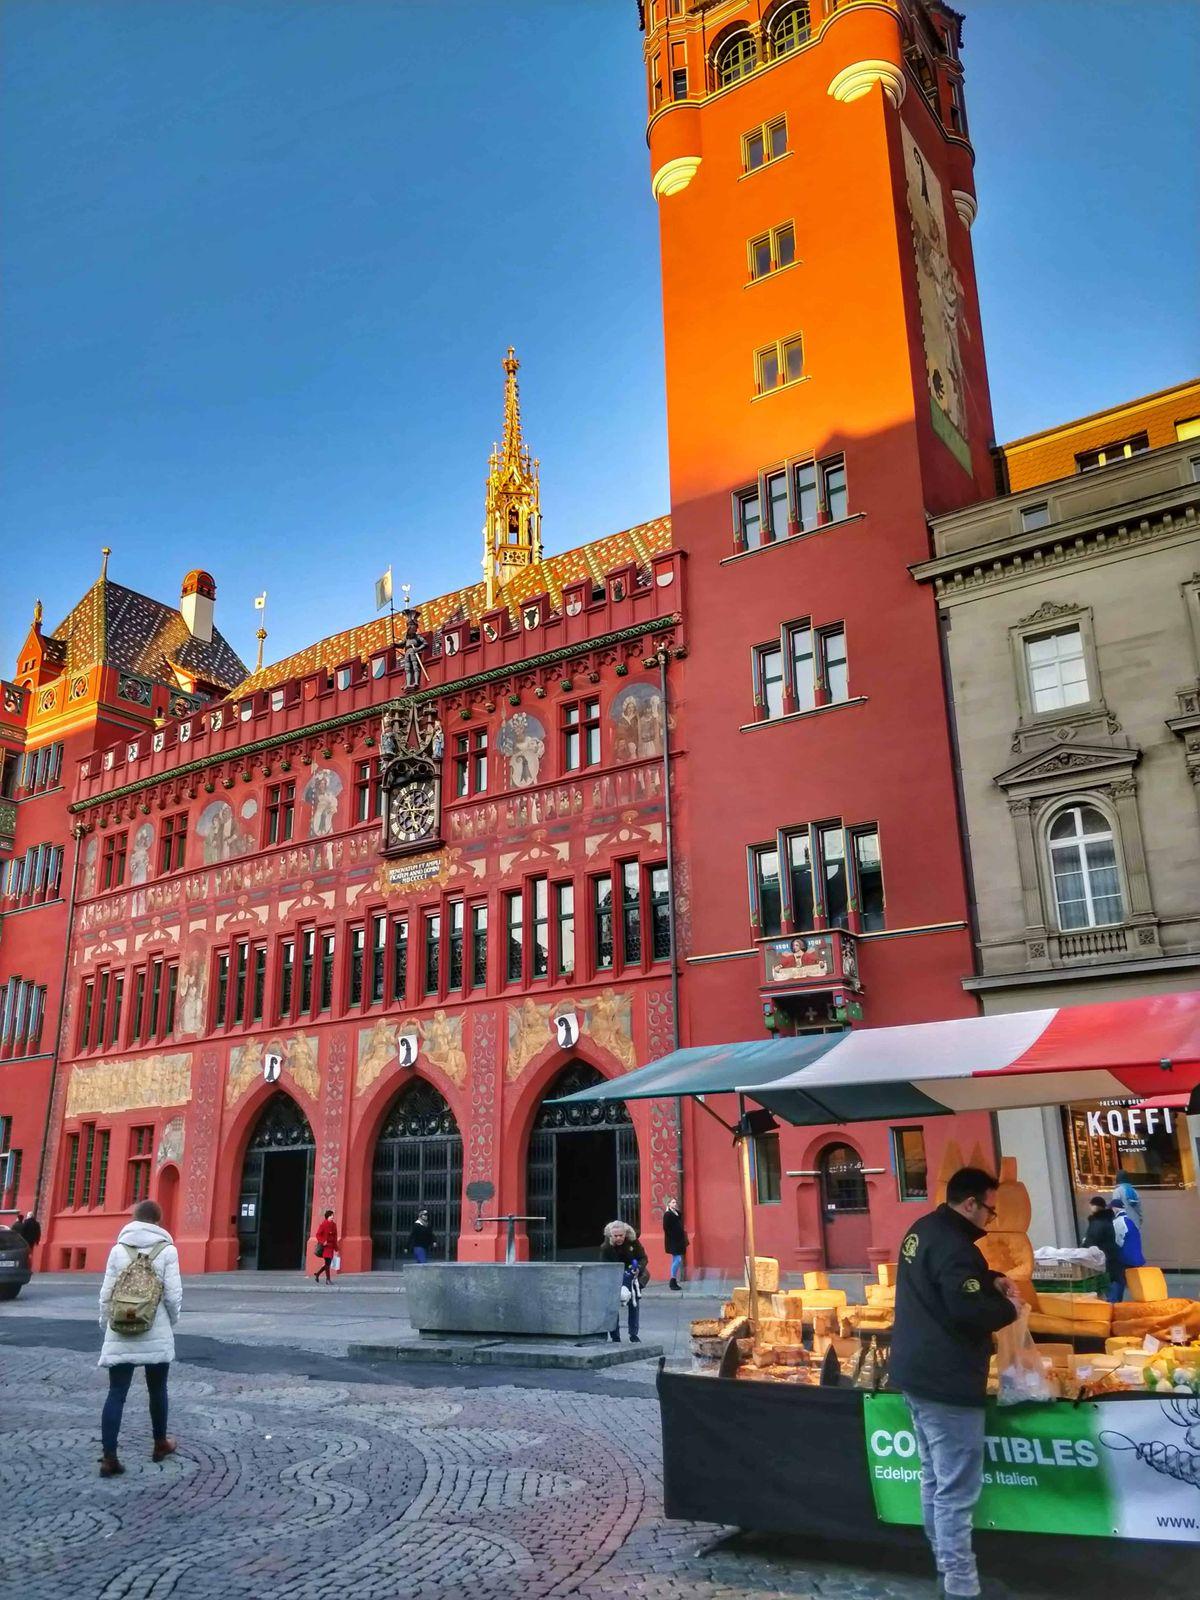 A piros városháza az első számú látnivaló. Az épület előtt mindennap vásár van, ahol megkóstolhatjuk a fenséges sajtokat is